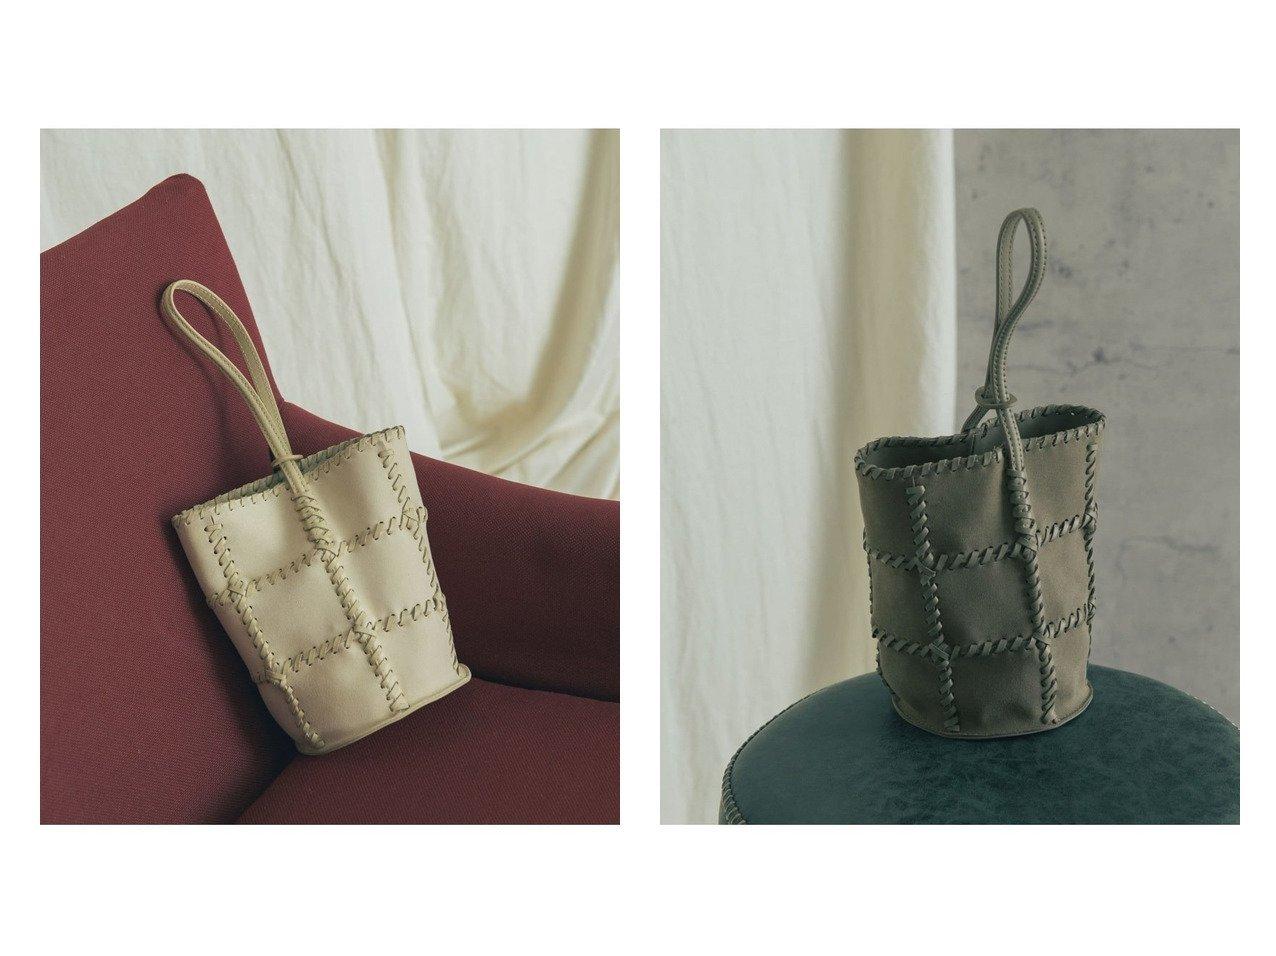 【URBAN RESEARCH ROSSO/アーバンリサーチ ロッソ】のJAMIRAY CORD PATCH BUCKET BAG 【バッグ・鞄】おすすめ!人気、トレンド・レディースファッションの通販   おすすめで人気の流行・トレンド、ファッションの通販商品 インテリア・家具・メンズファッション・キッズファッション・レディースファッション・服の通販 founy(ファニー) https://founy.com/ ファッション Fashion レディースファッション WOMEN バッグ Bag ハンドバッグ モダン |ID:crp329100000064847